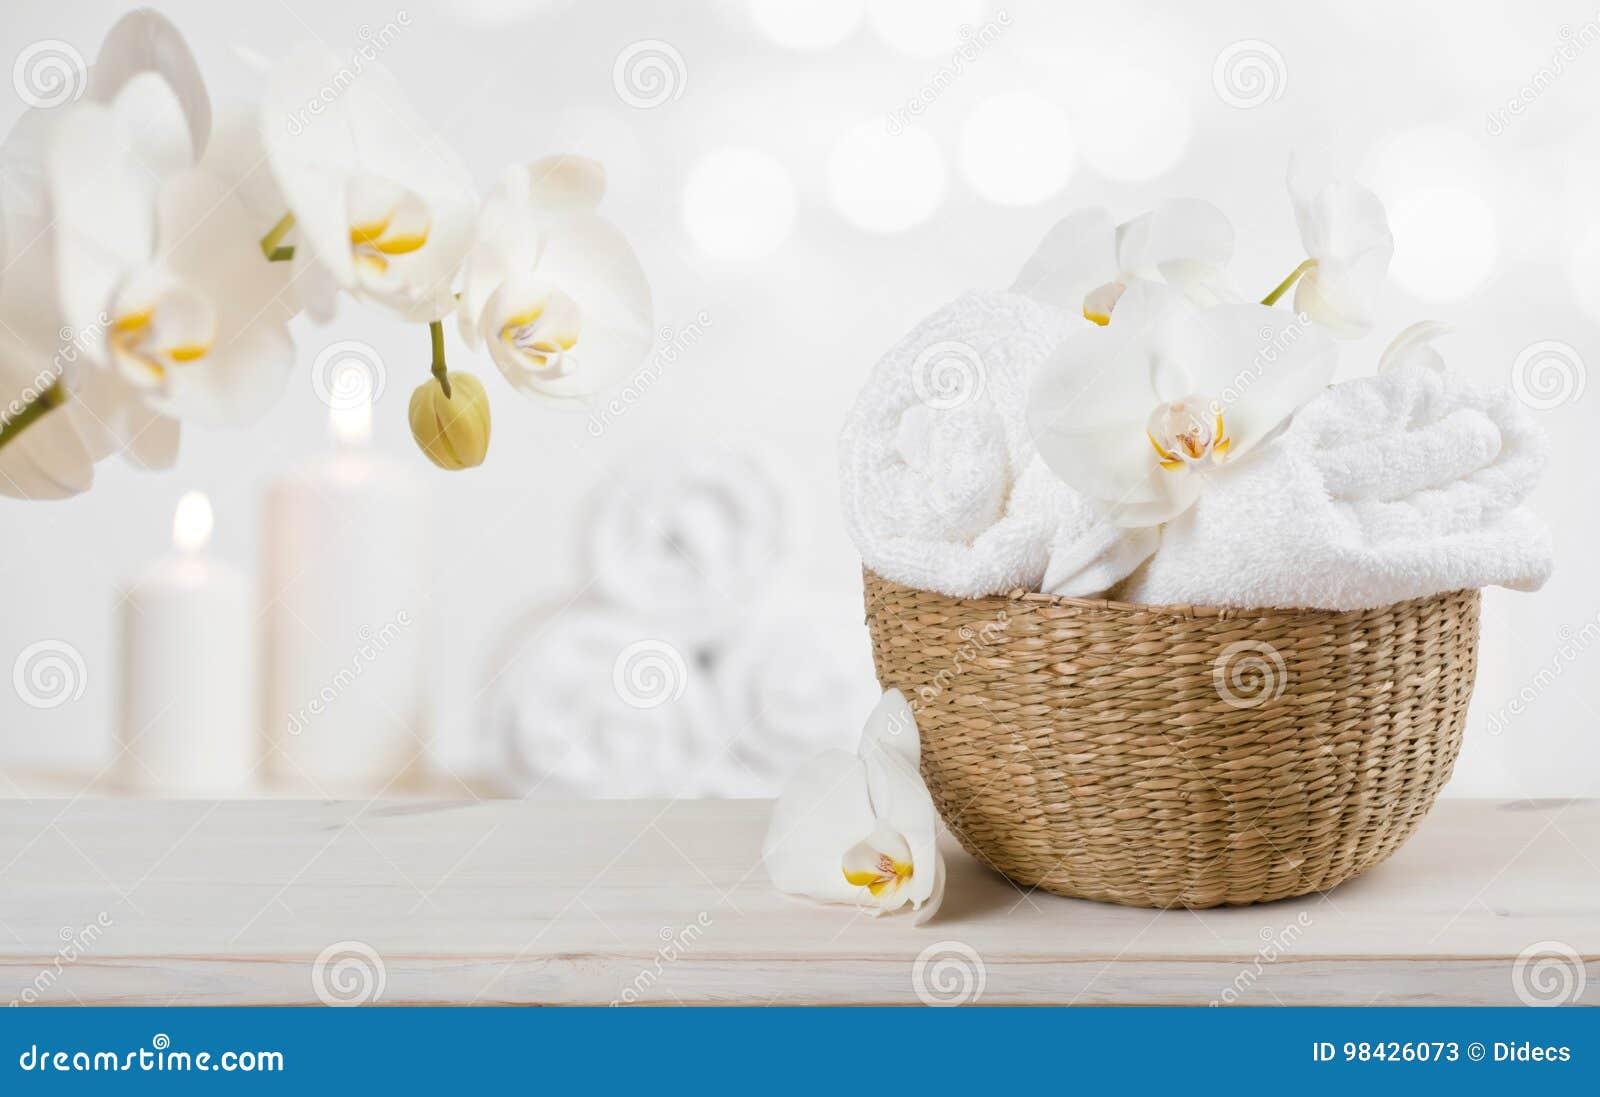 与温泉毛巾的柳条筐在抽象背景的桌上